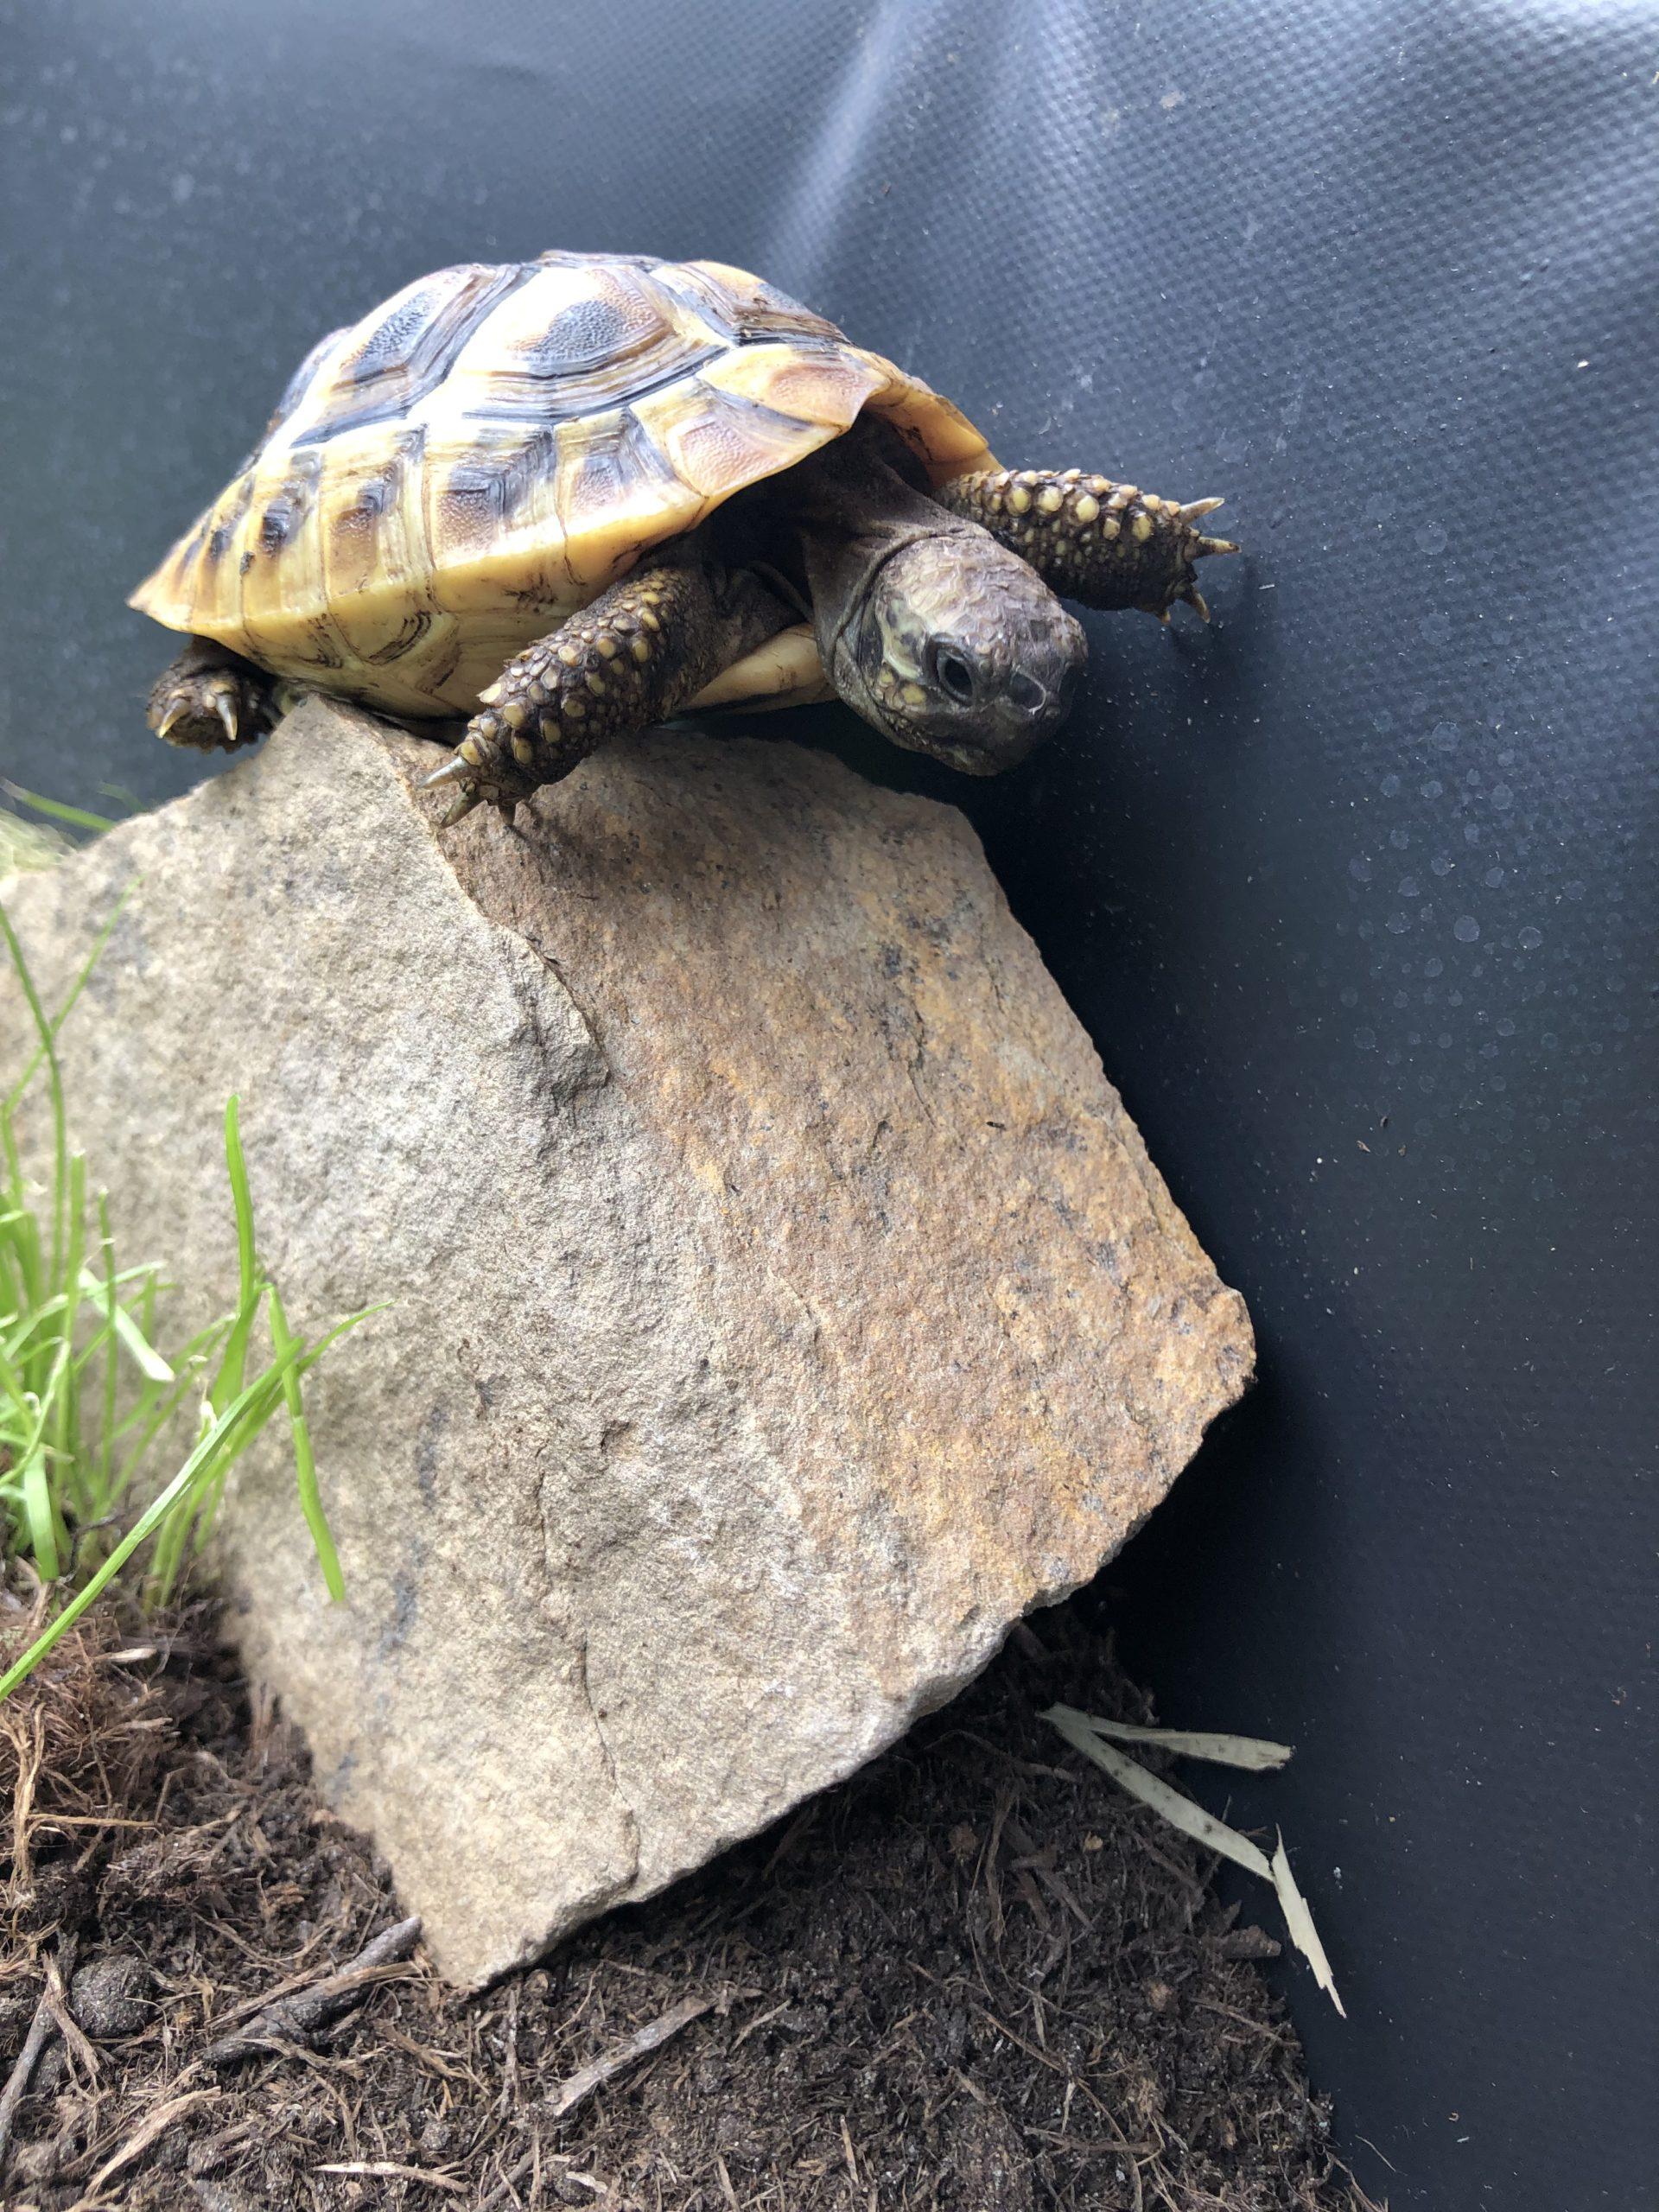 Griechische Landschildkröte auf ihrem Lieblingsstein